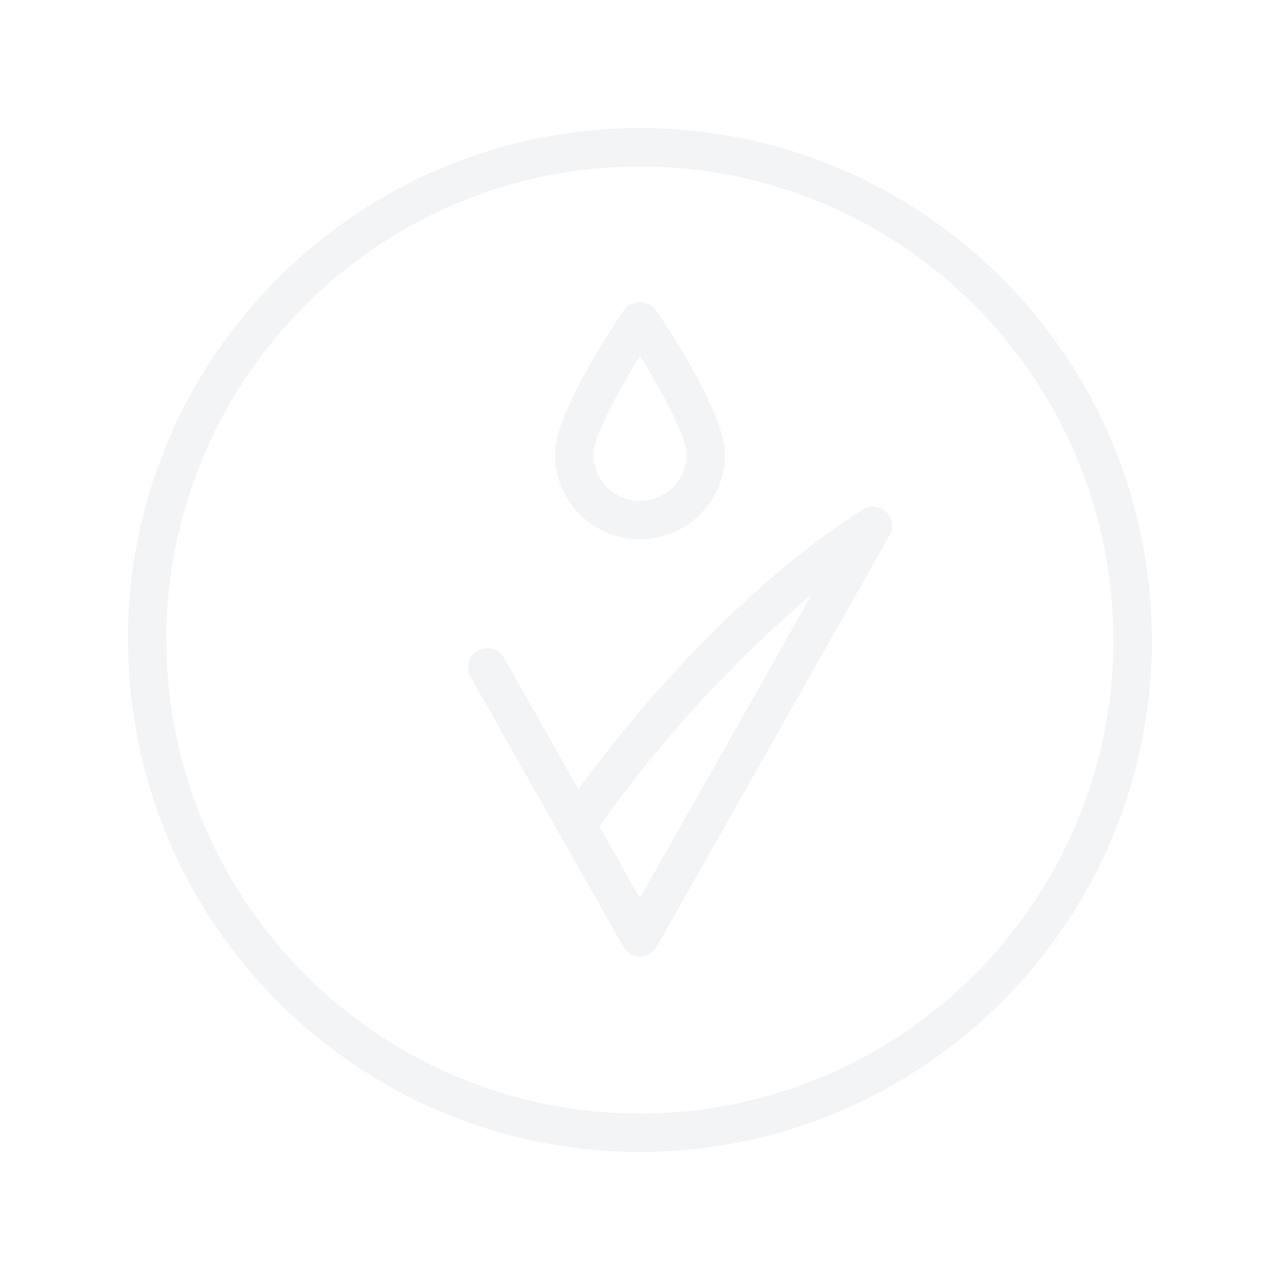 Yves Saint Laurent Opium 2009 Eau De Toilette